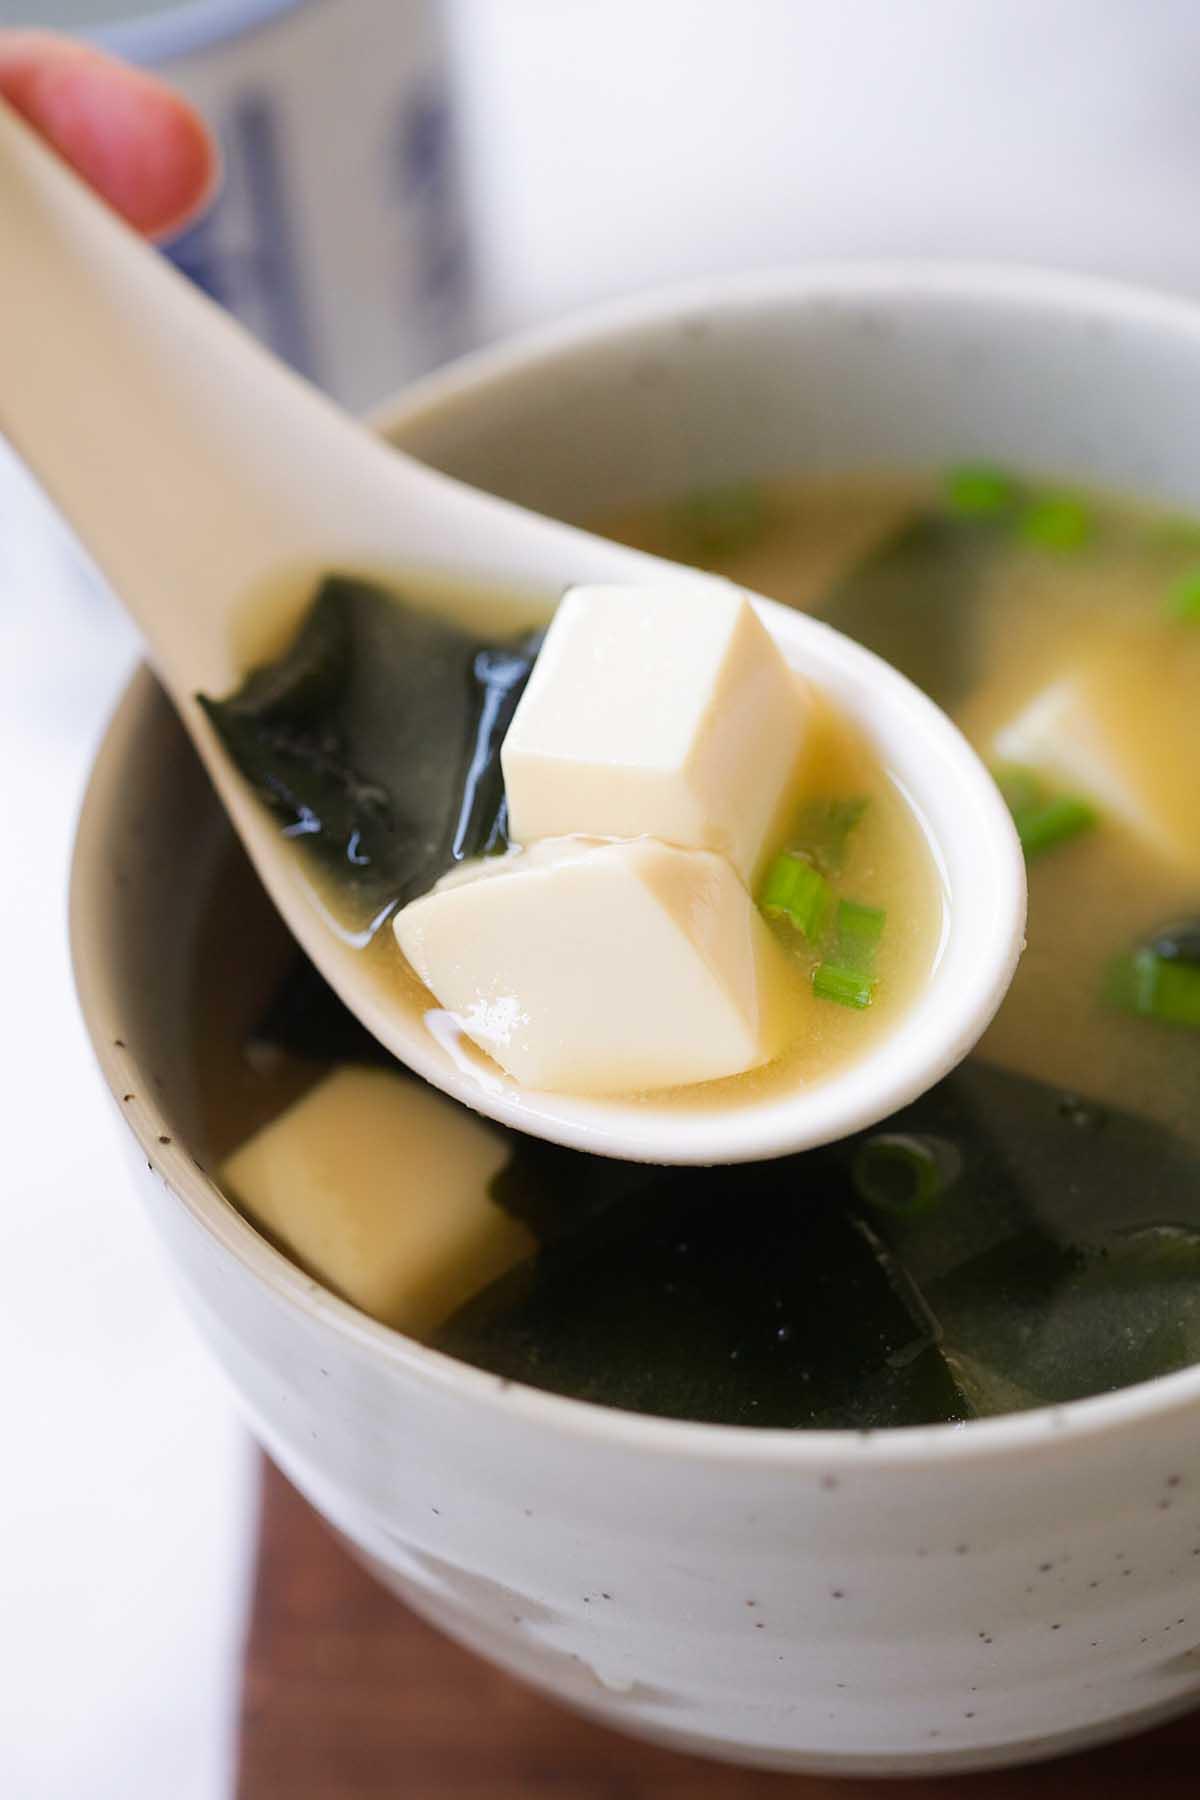 Miso soup, ready to serve.